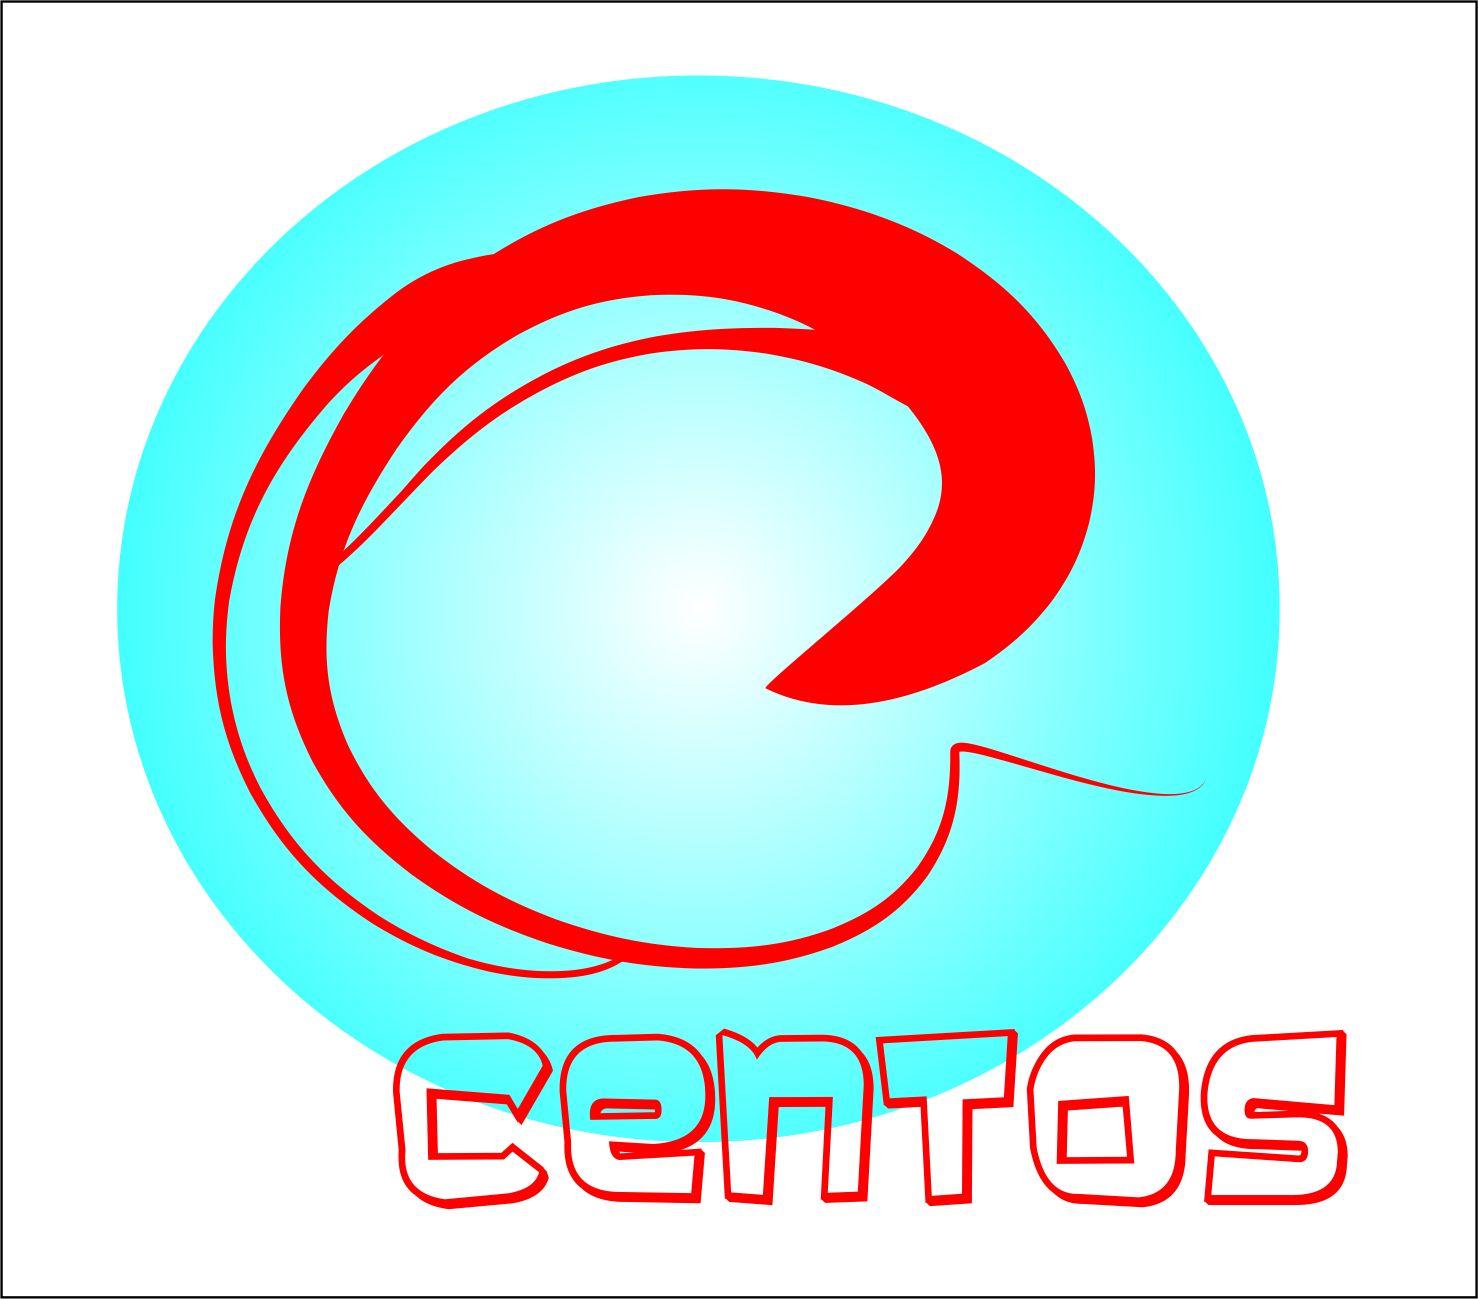 Логотип для компании Centos-admin.ru - дизайнер jeniulka